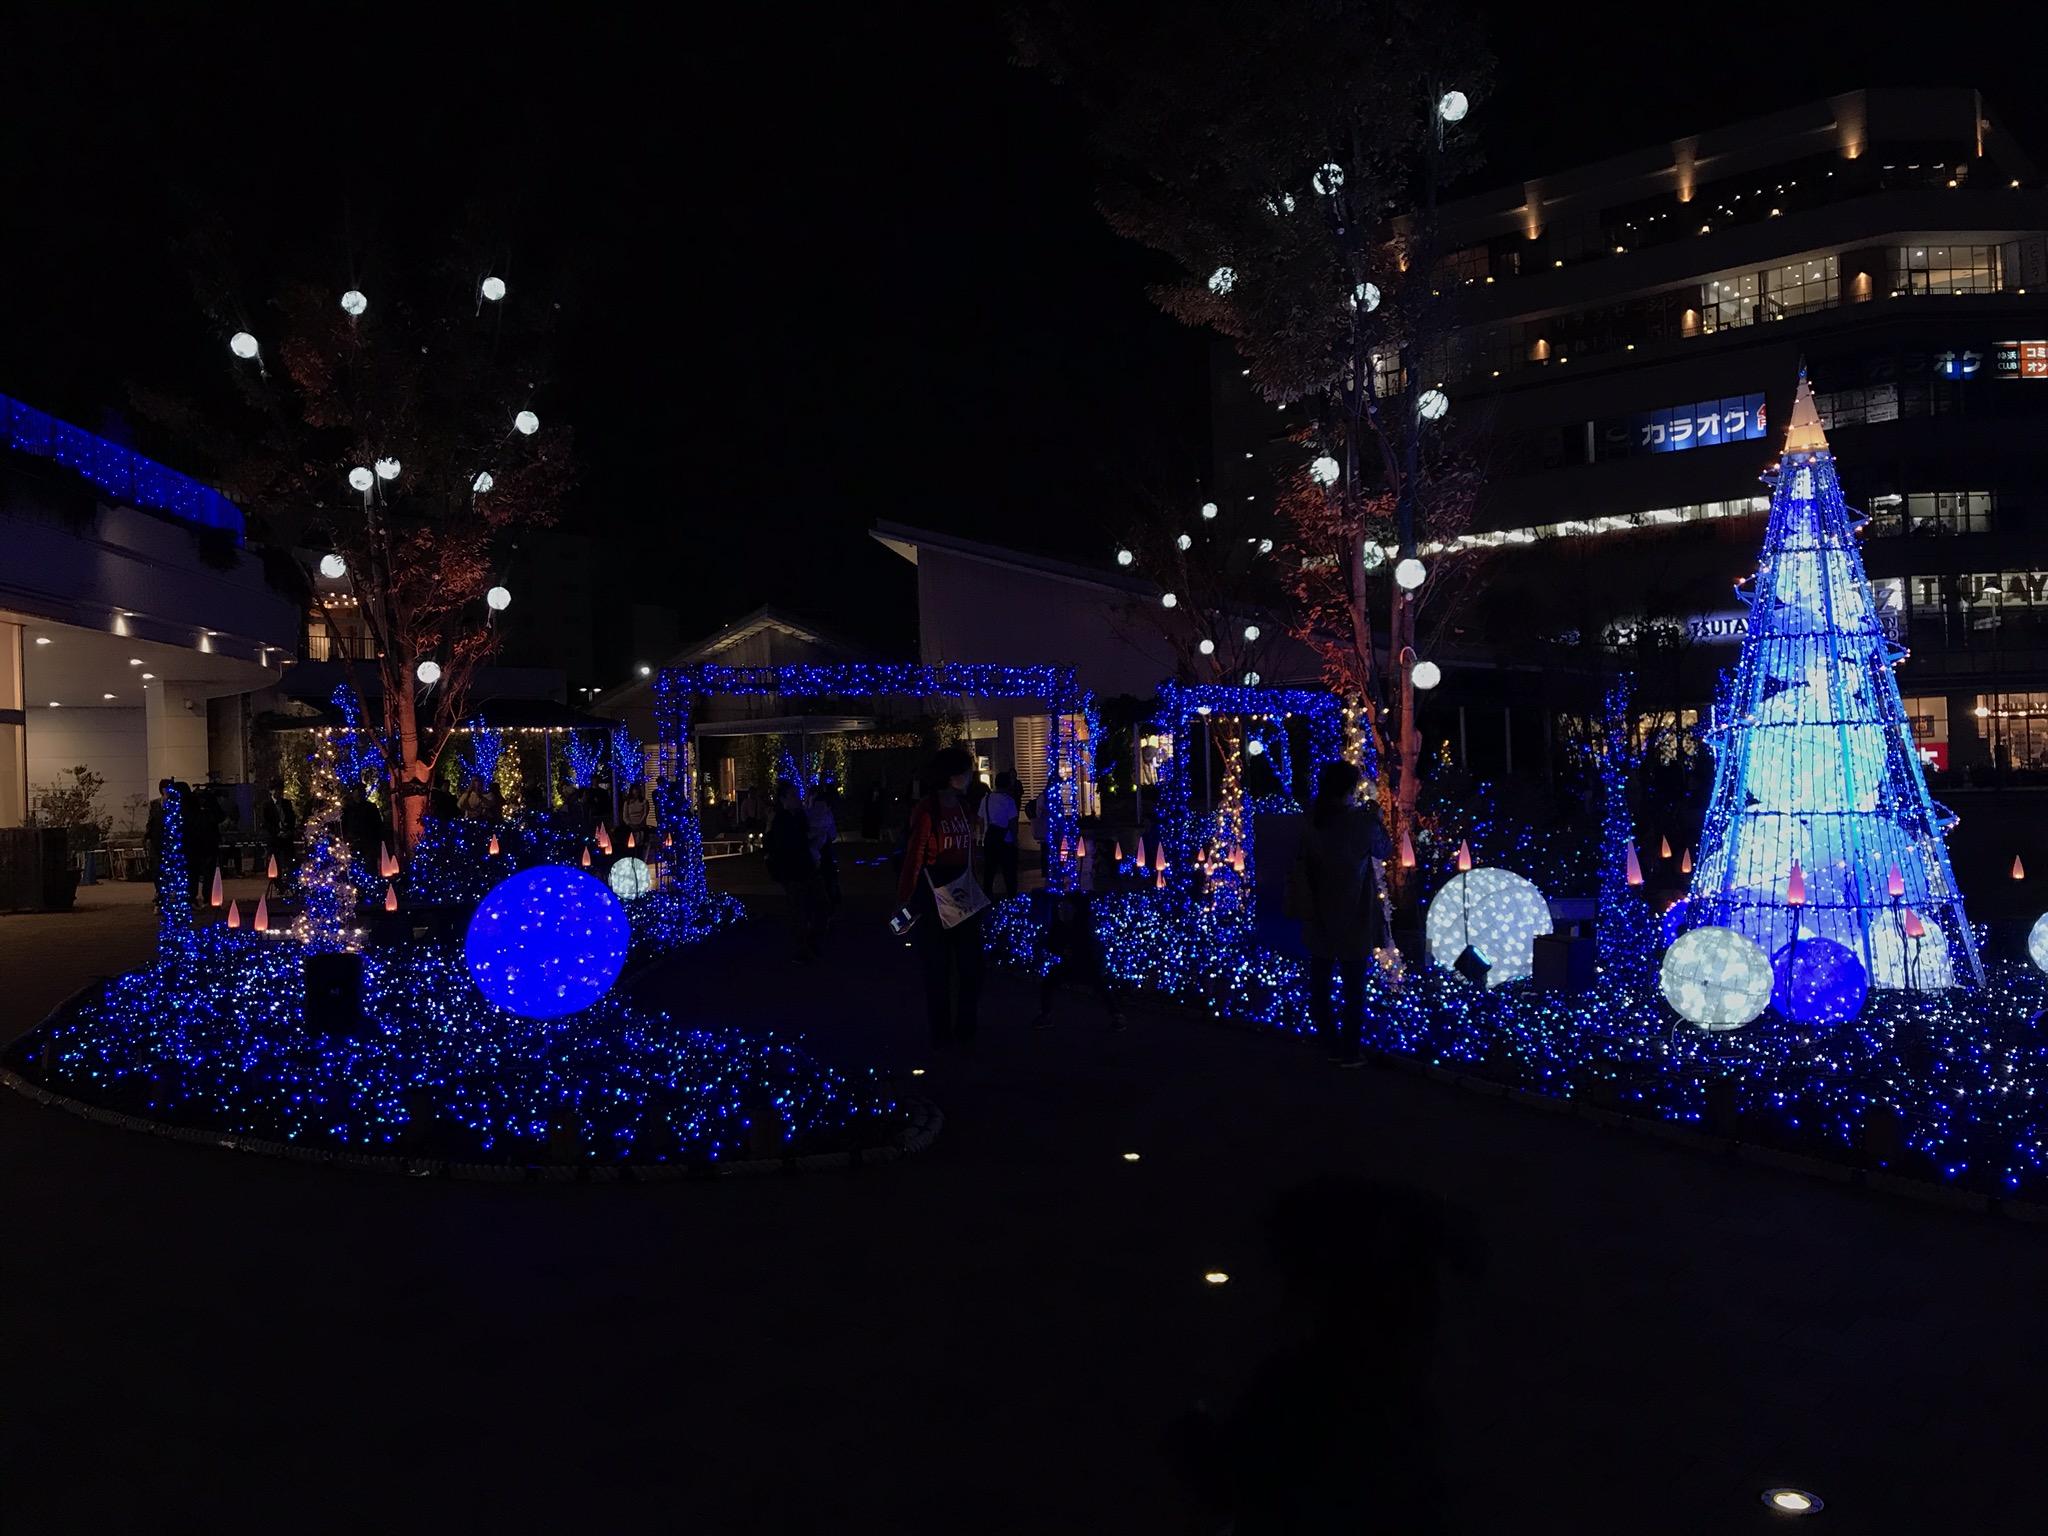 テラスモール湘南クリスマスイルミネーション2019